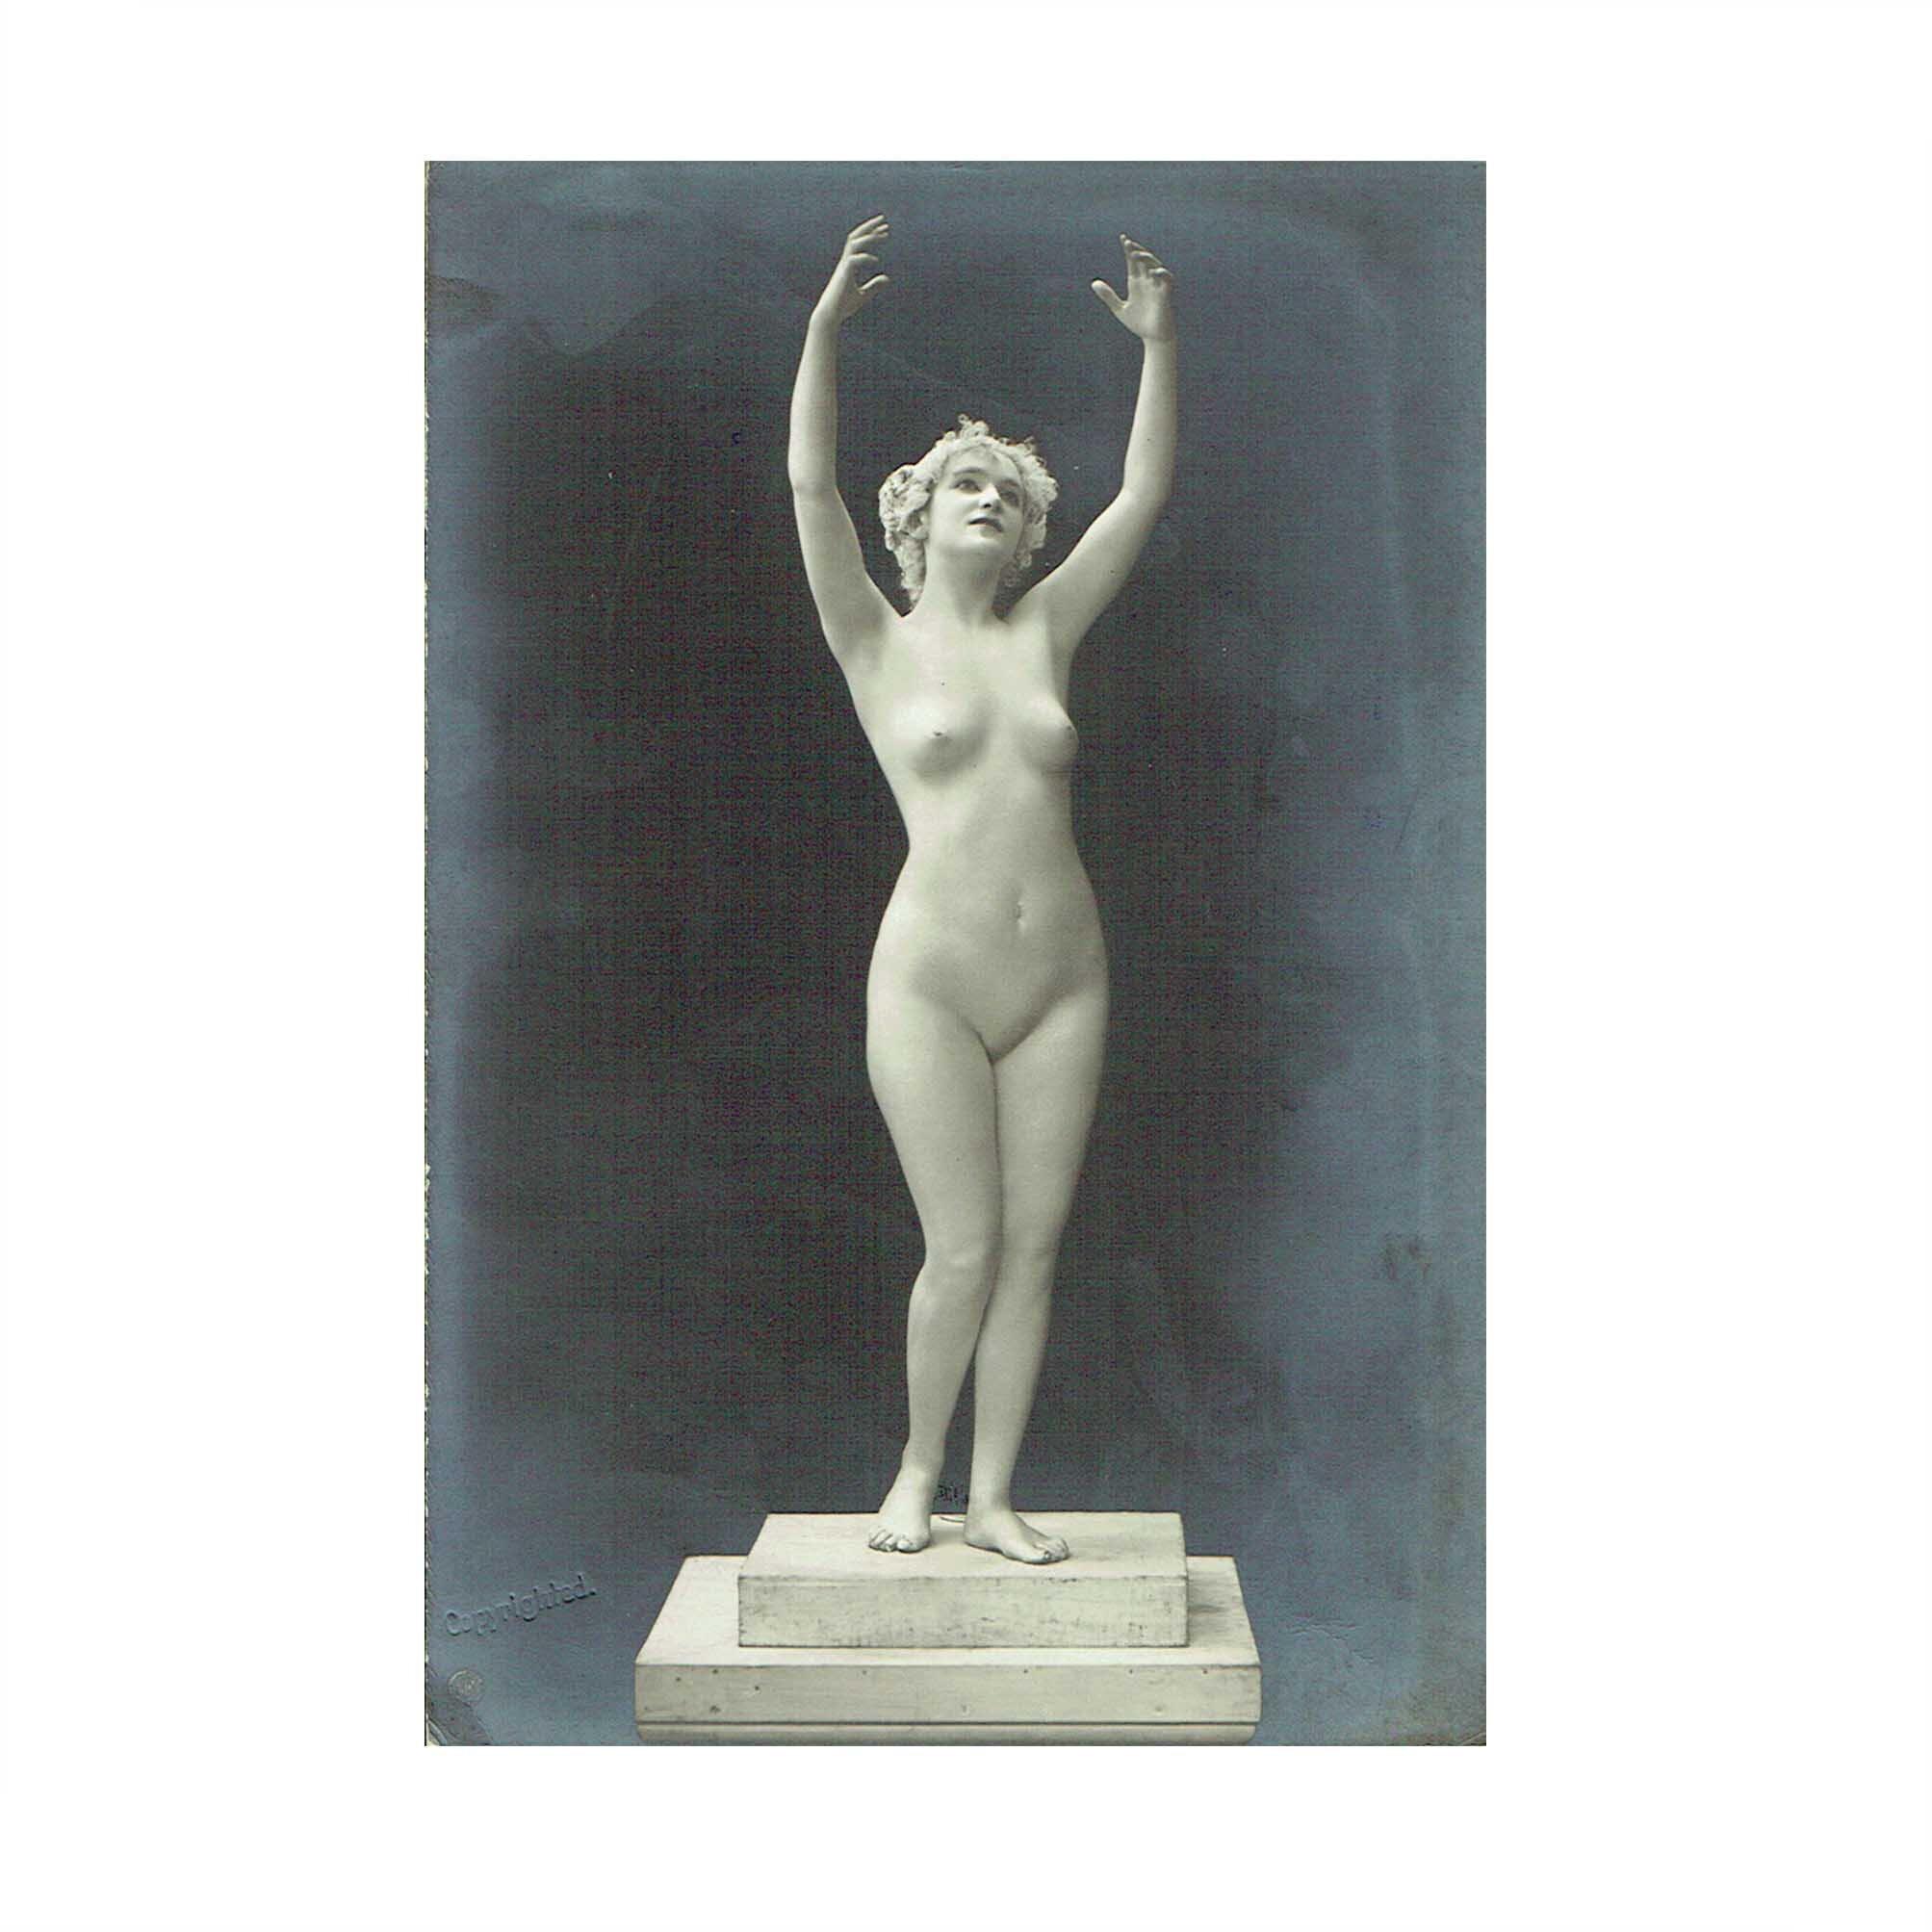 5600 Skowranek Desmond Marmor-Bildwerke Gebet 1909 N